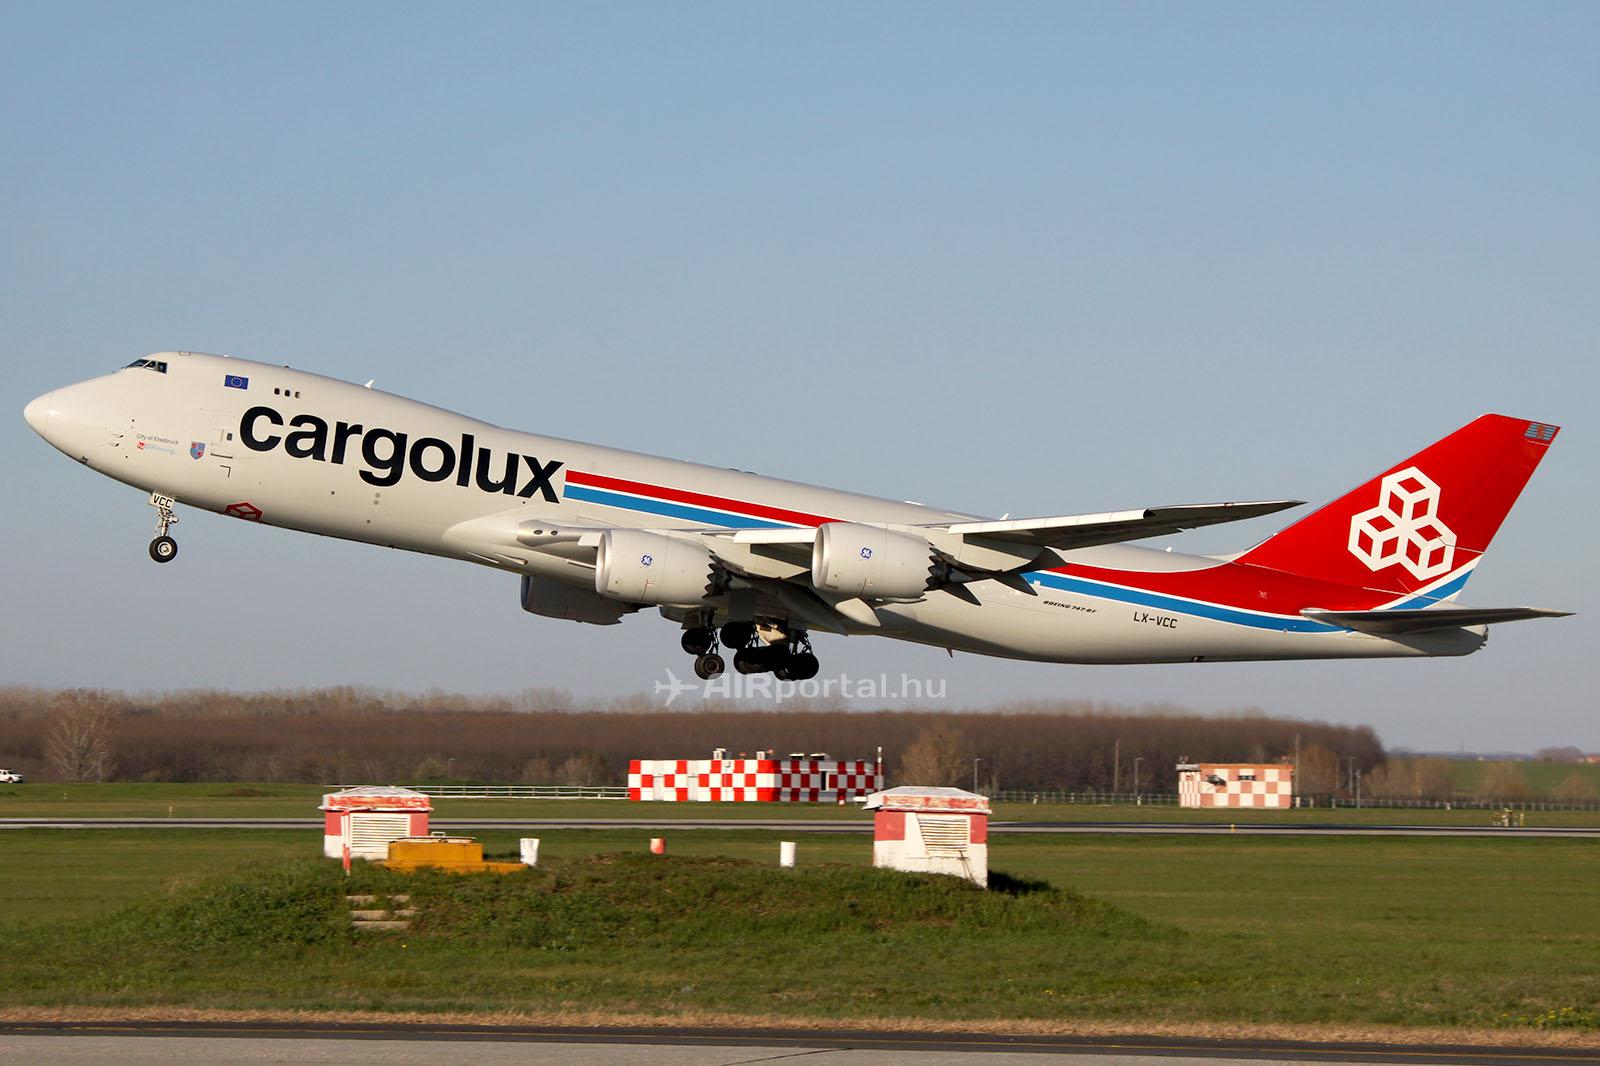 A Cargolux utolsó 747-8F-jét vette át a napokban a Boeingtól. (Fotó: AIRportal.hu) | © AIRportal.hu